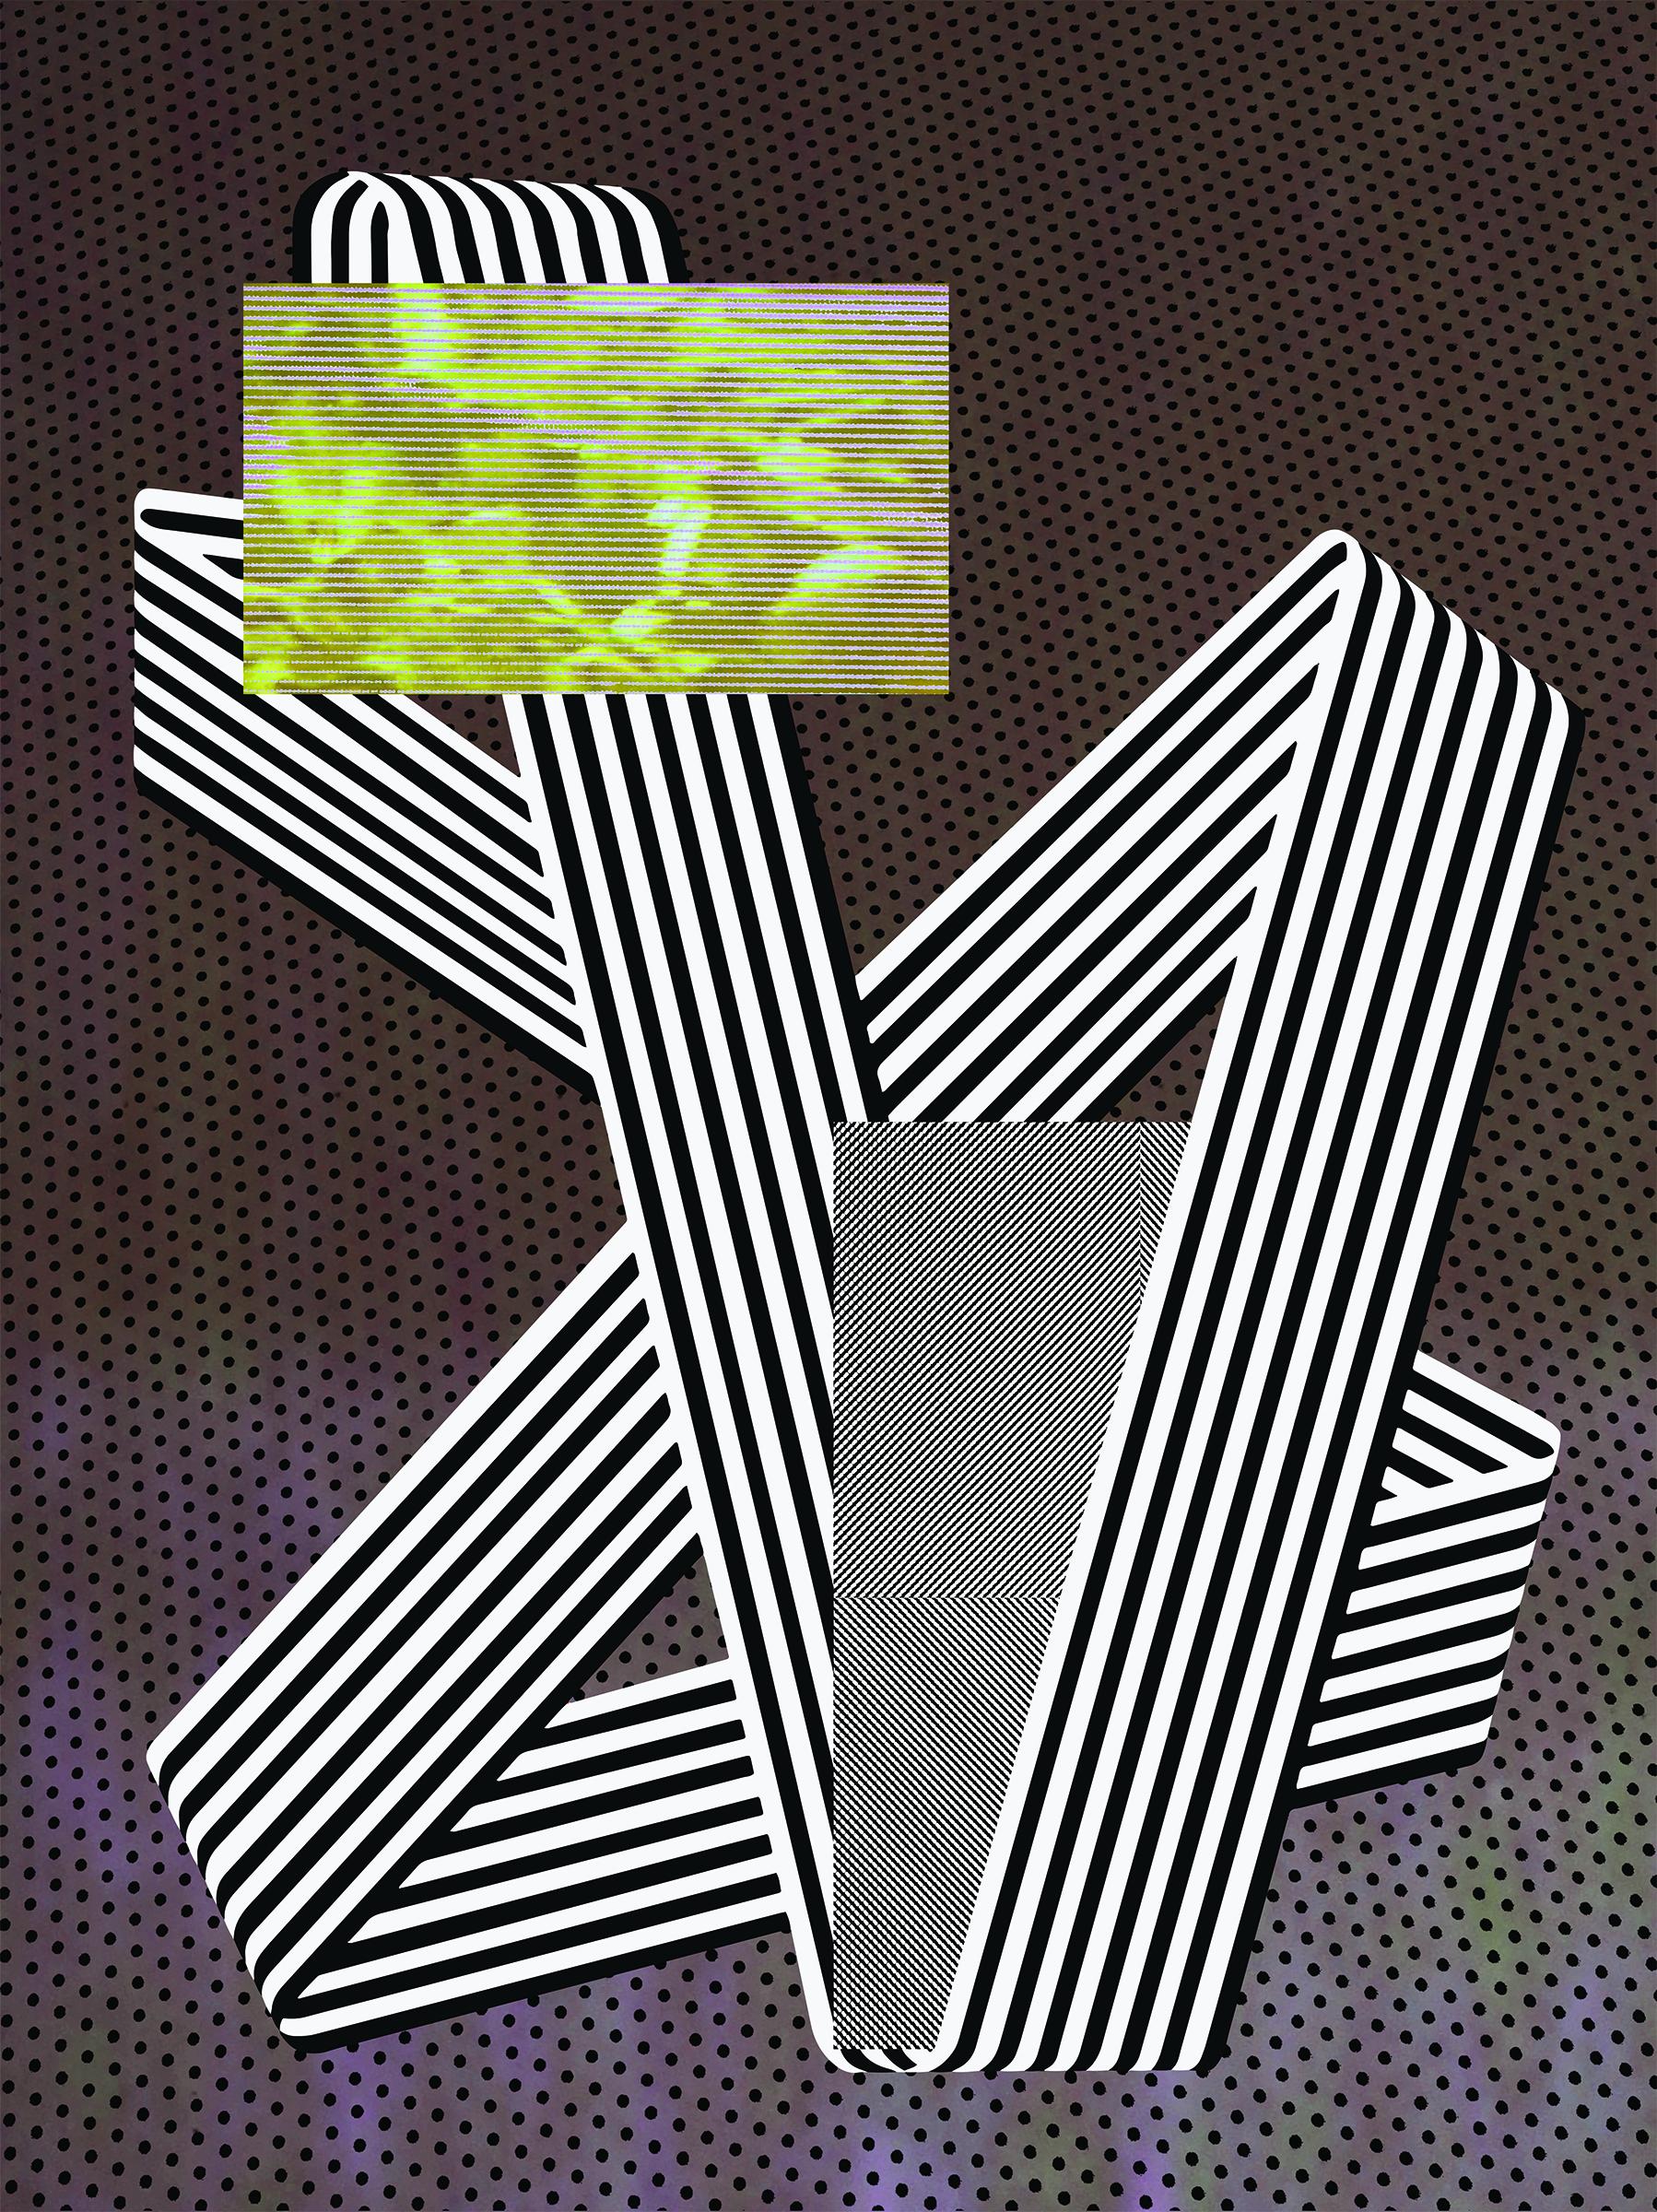 BanffSuite_VioletDots.jpg